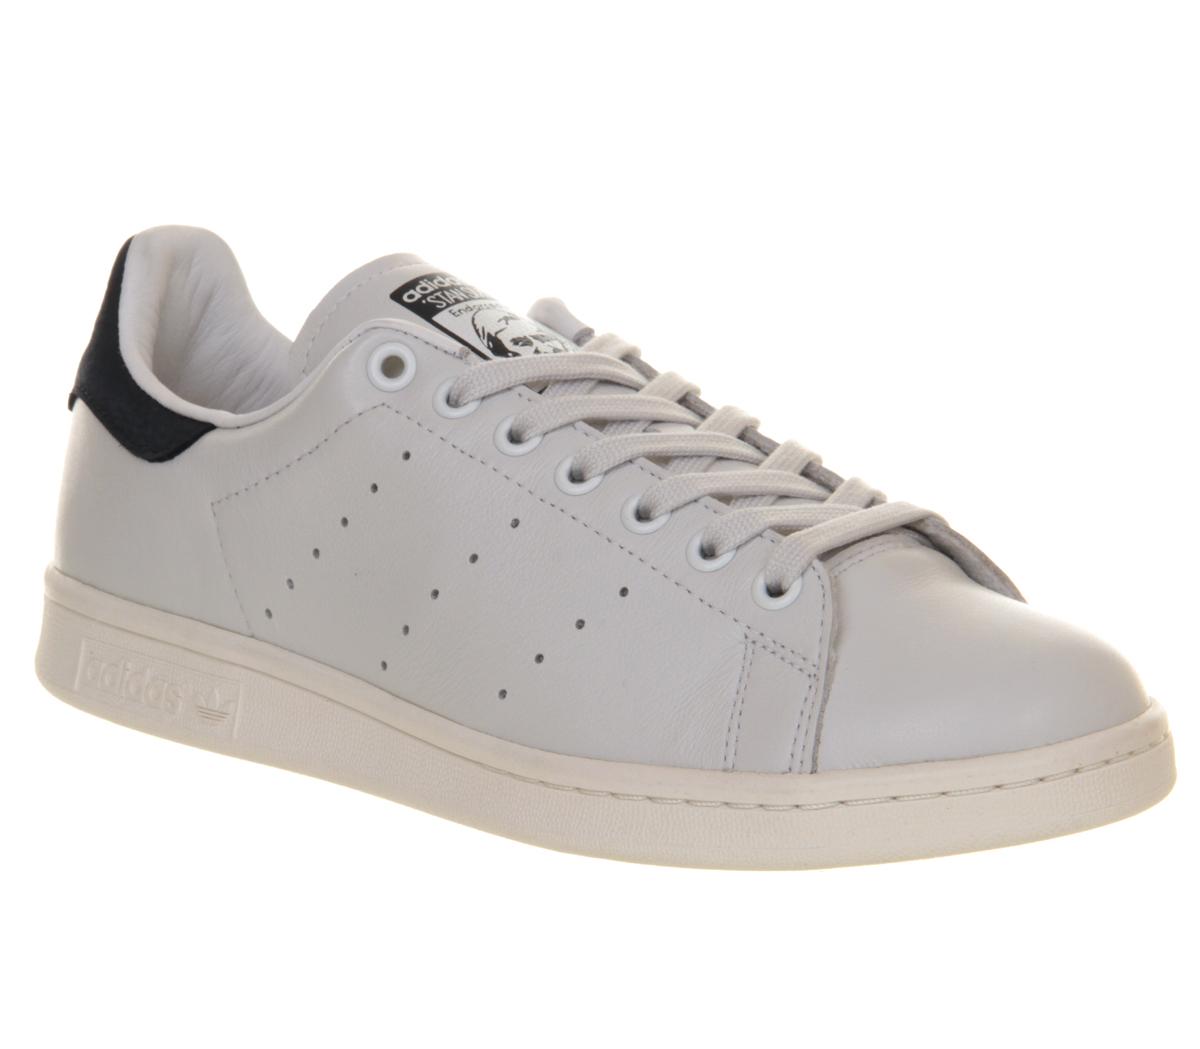 adidas stan smith neo white cobalt blue